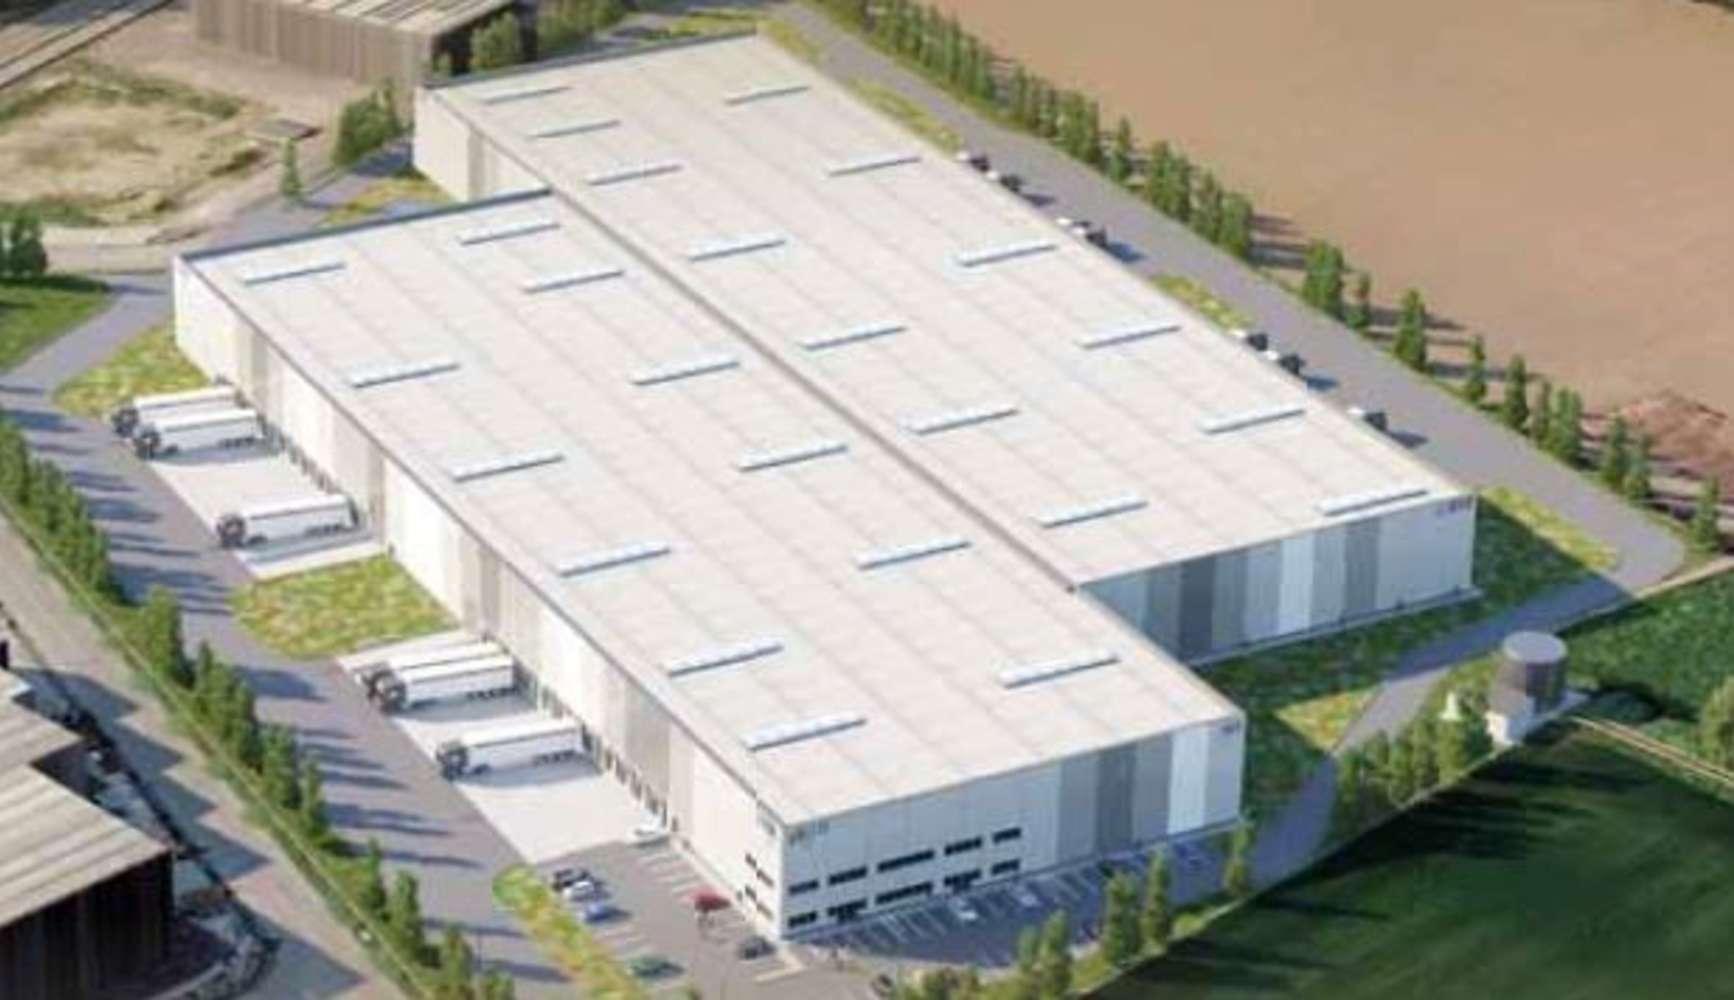 Magazzini industriali e logistici Calcio, 24054 - Calcio Park - 10235176